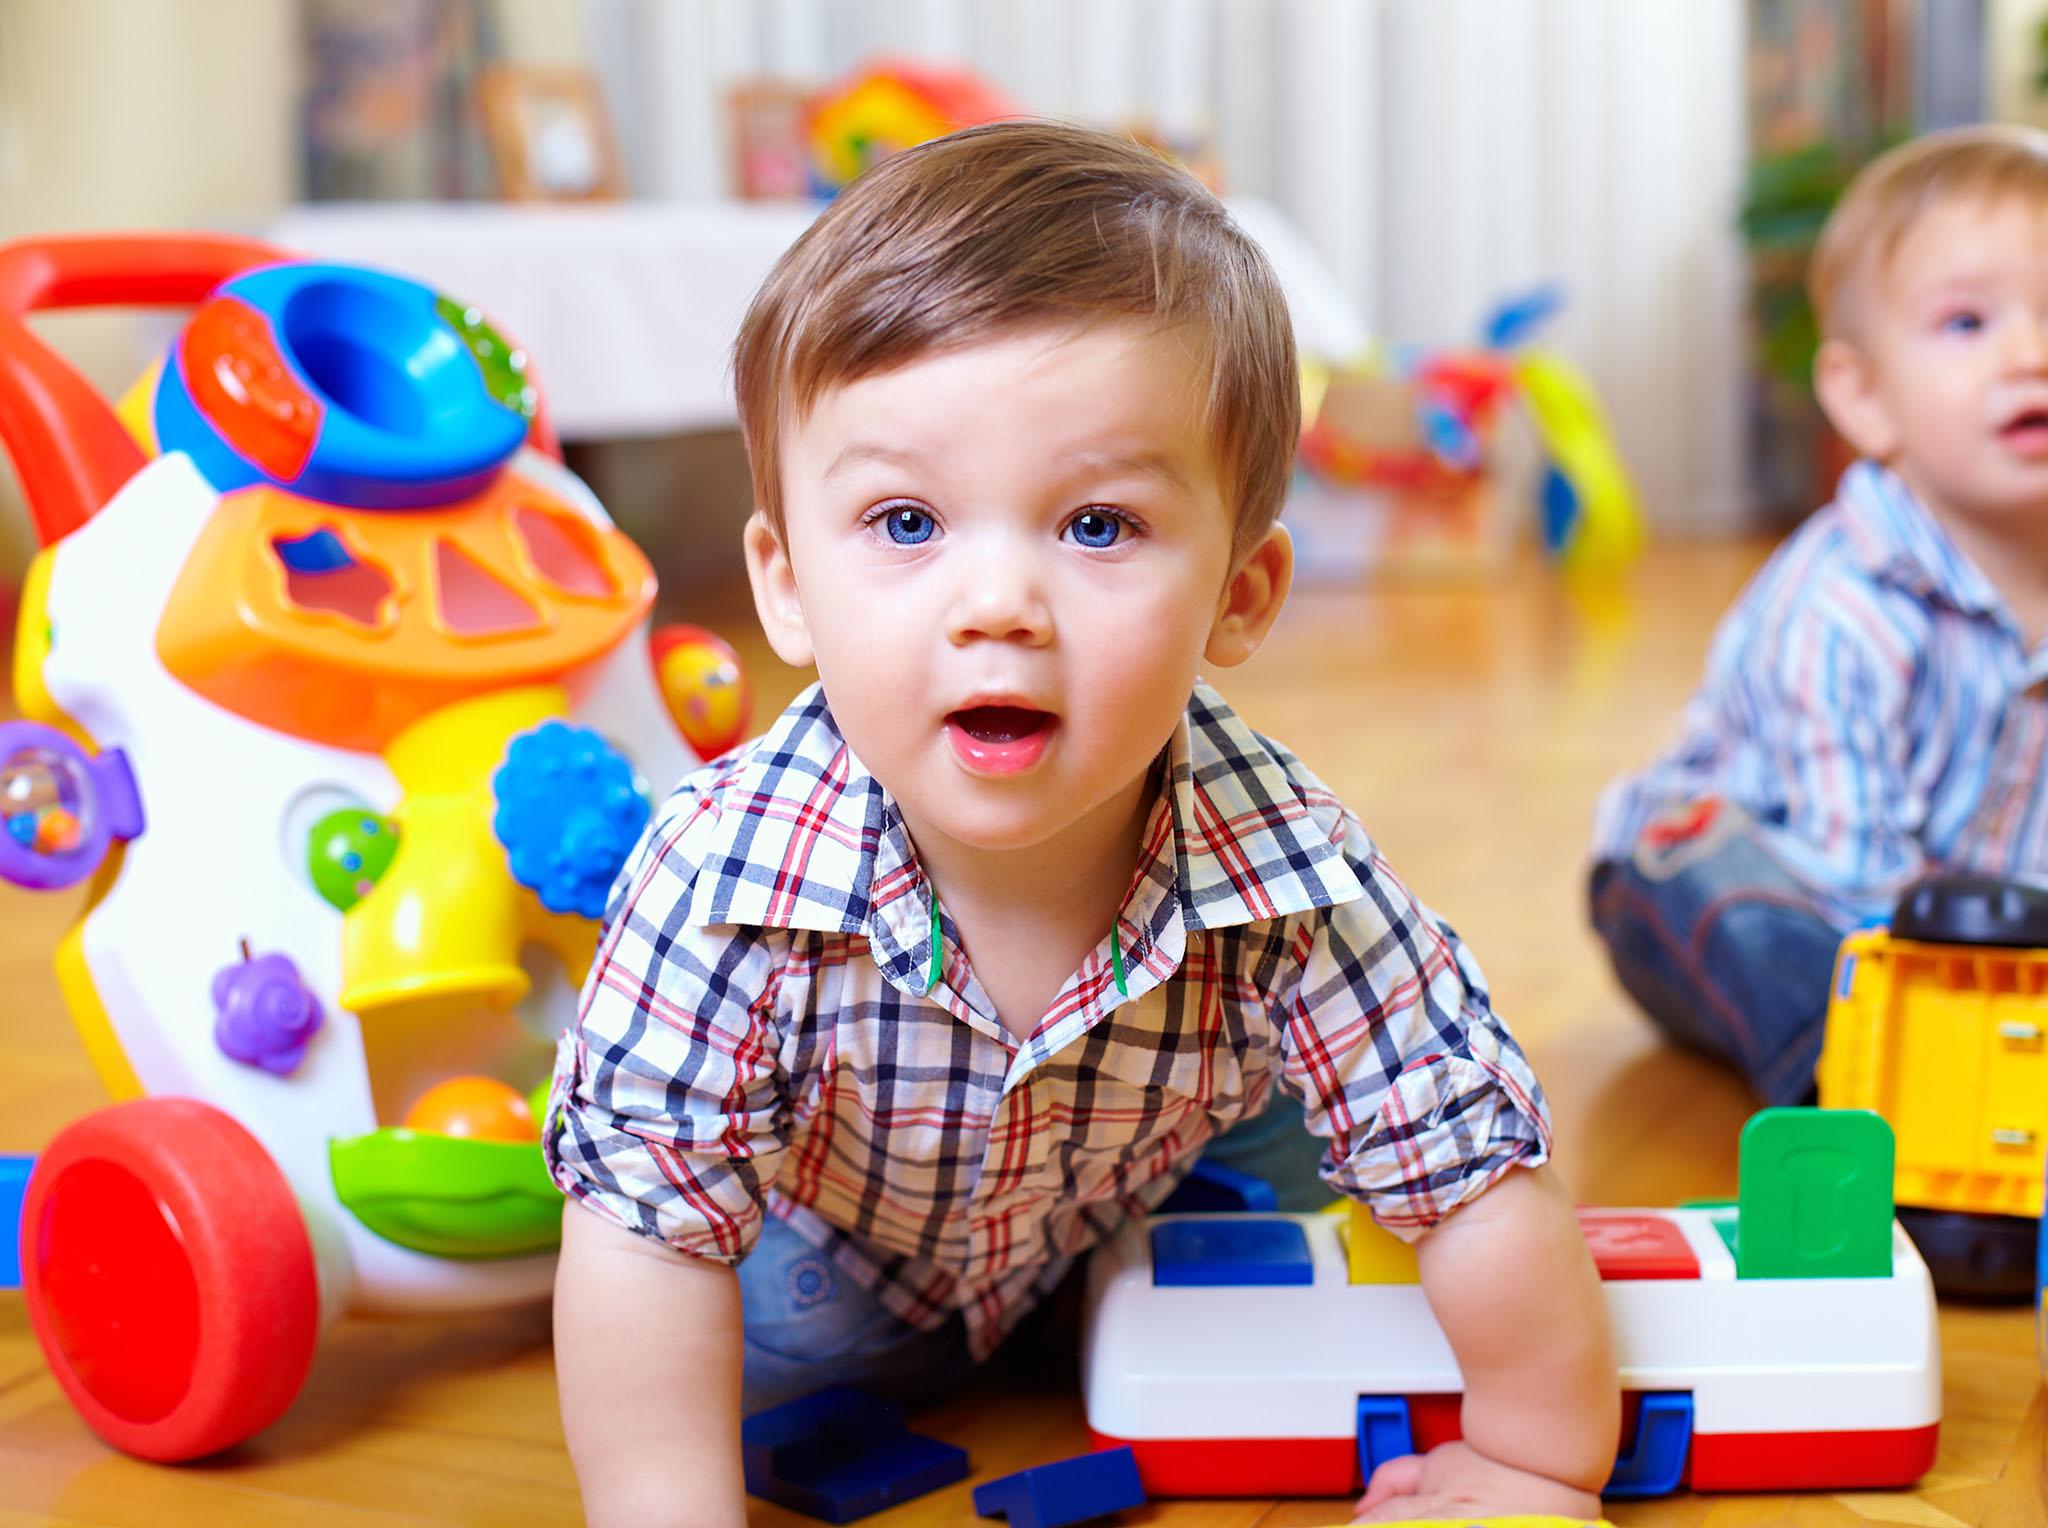 10 Jeux Pour Faciliter L'apprentissage Du Langage | Protégez intérieur Jeux Pour Jeunes Enfants